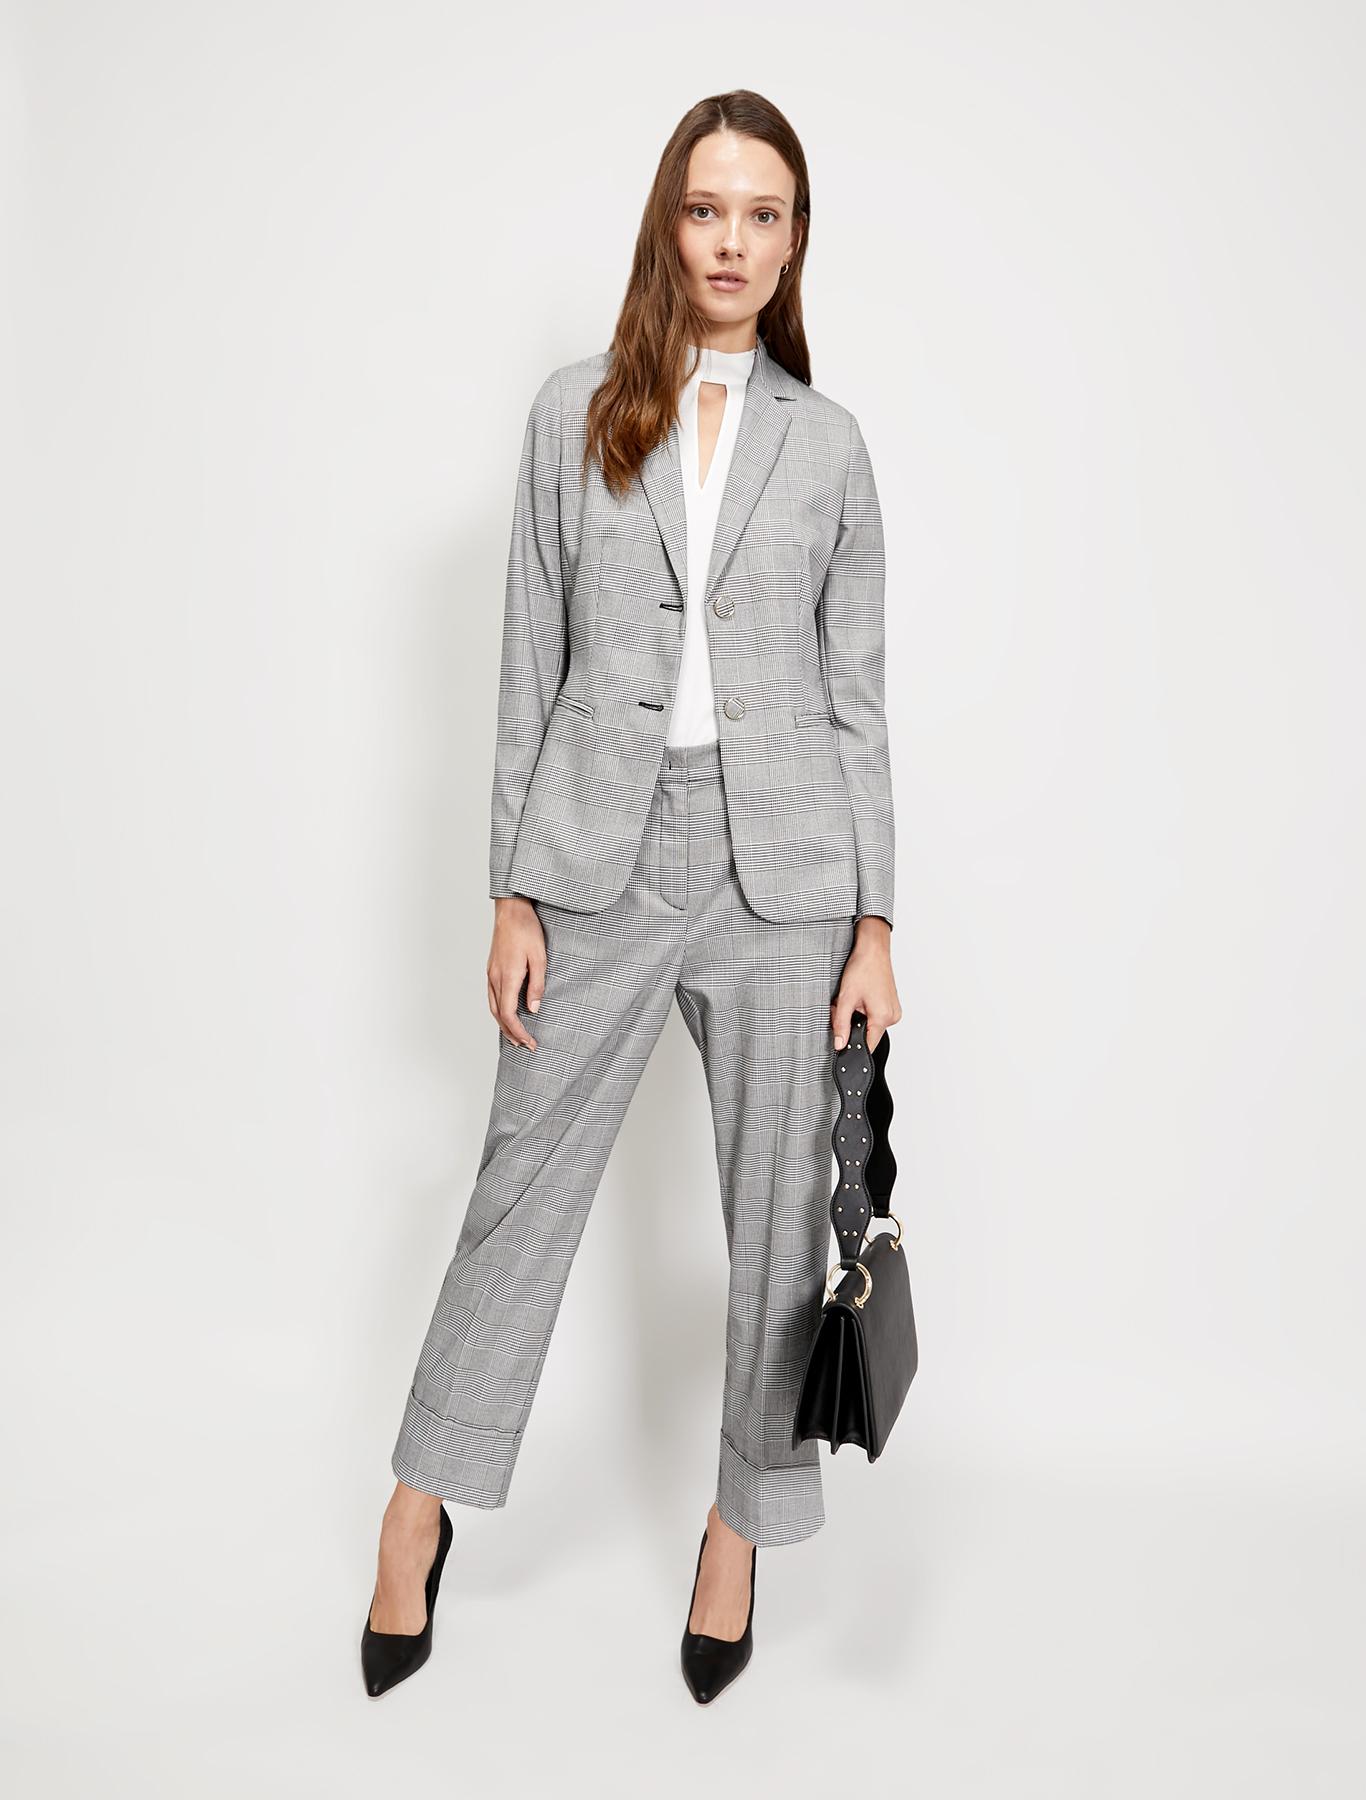 Slim two-button blazer - black pattern - pennyblack